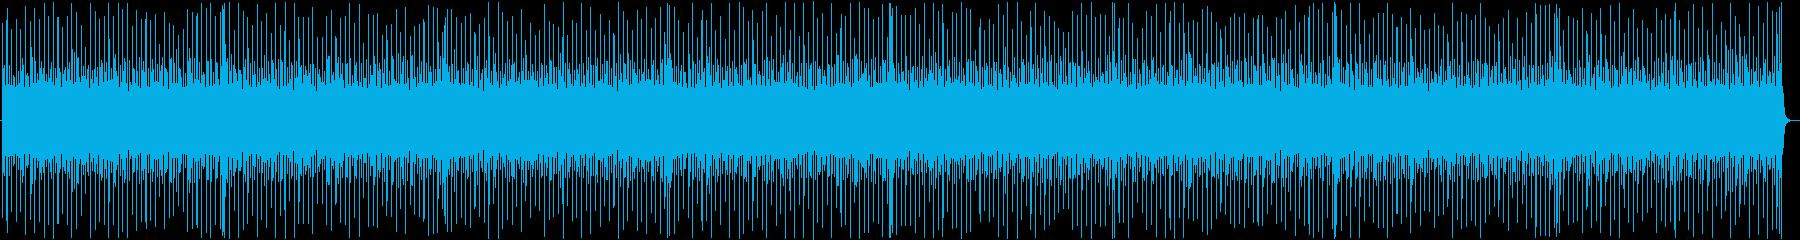 製品紹介映像やサスペンス系ドラマBGMにの再生済みの波形